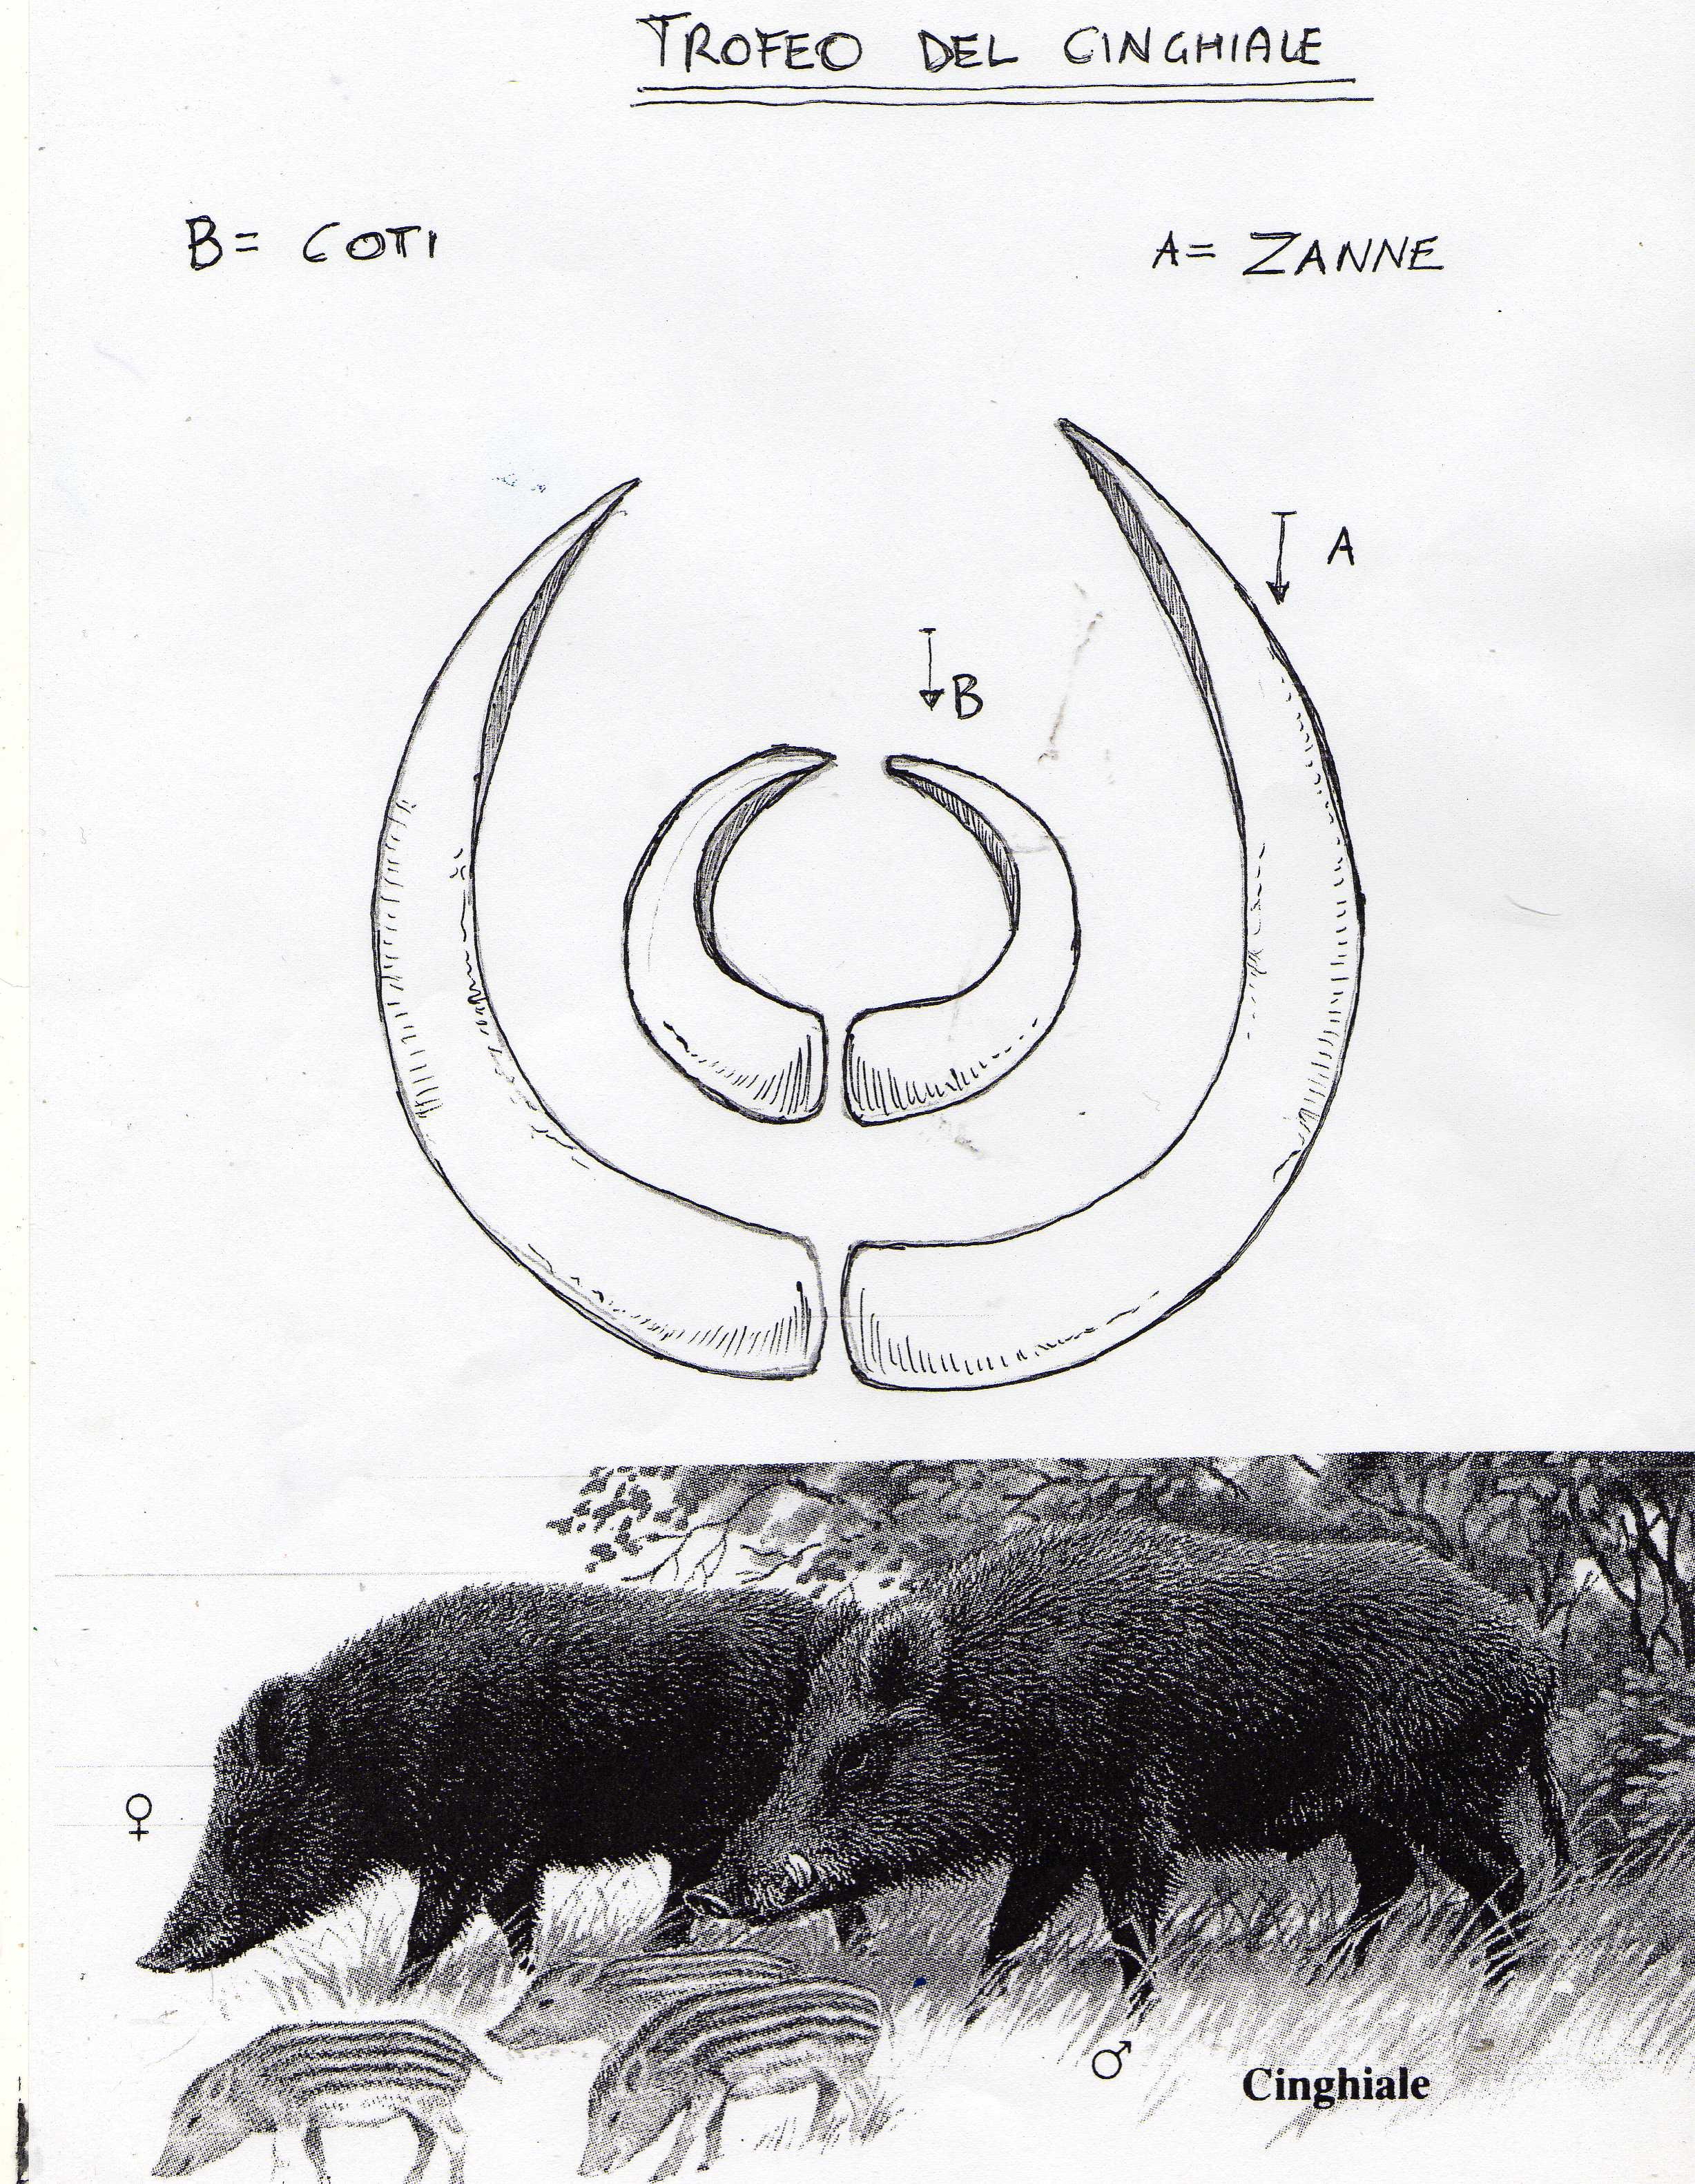 struttura del pene di cinghiale